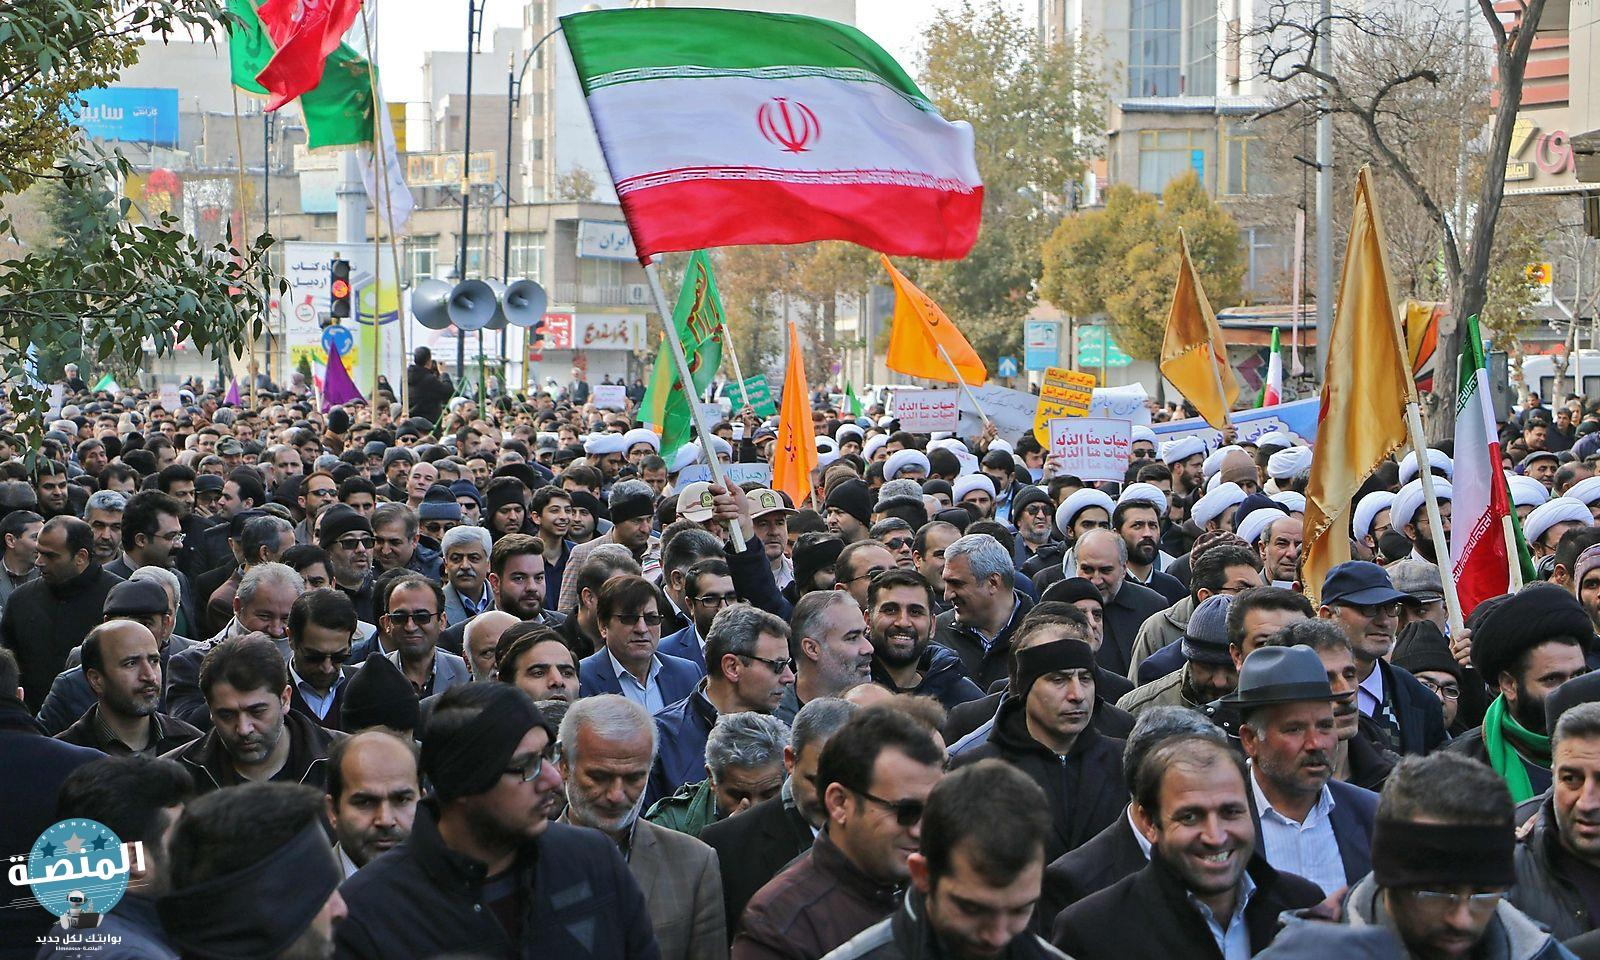 سكان إيران